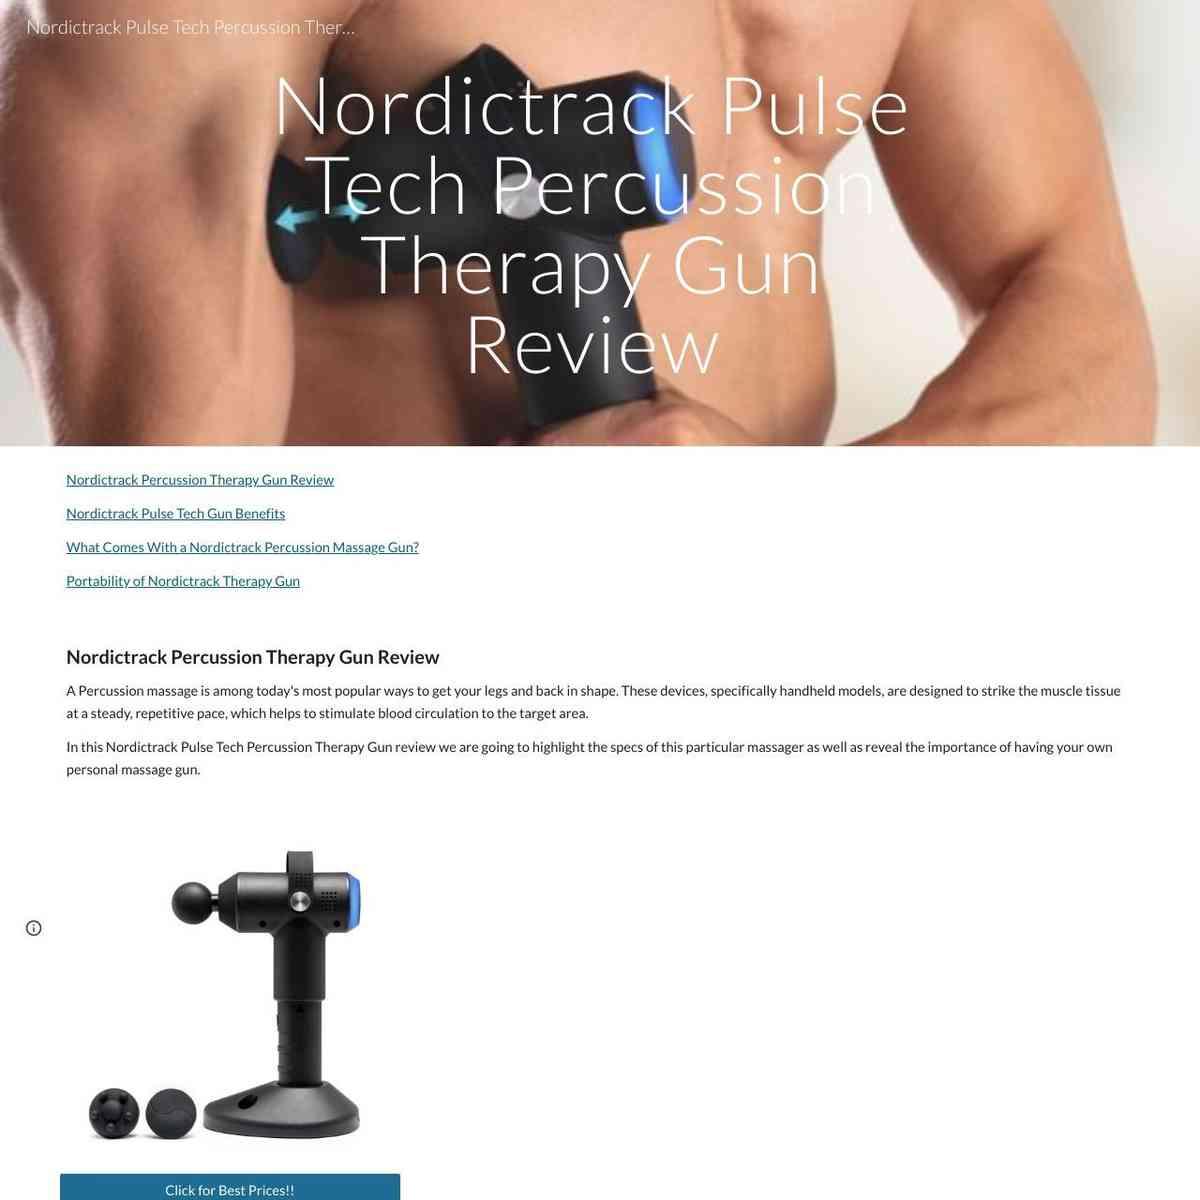 Nordic Track Pulse Tech Percussion Massager